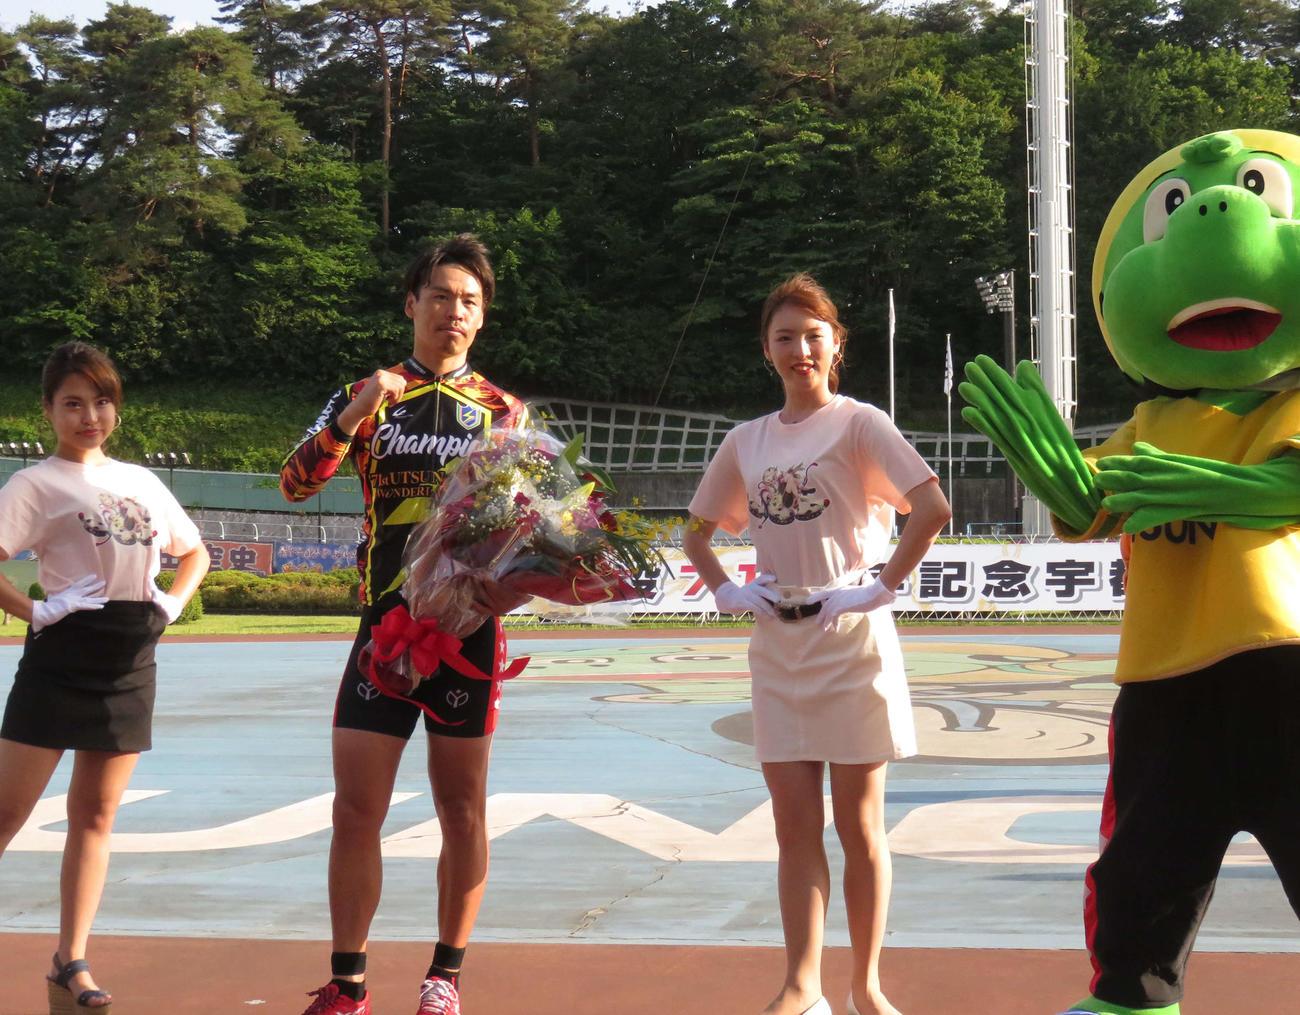 浅井康太(左から2人目)が表彰式でガッツポーズする